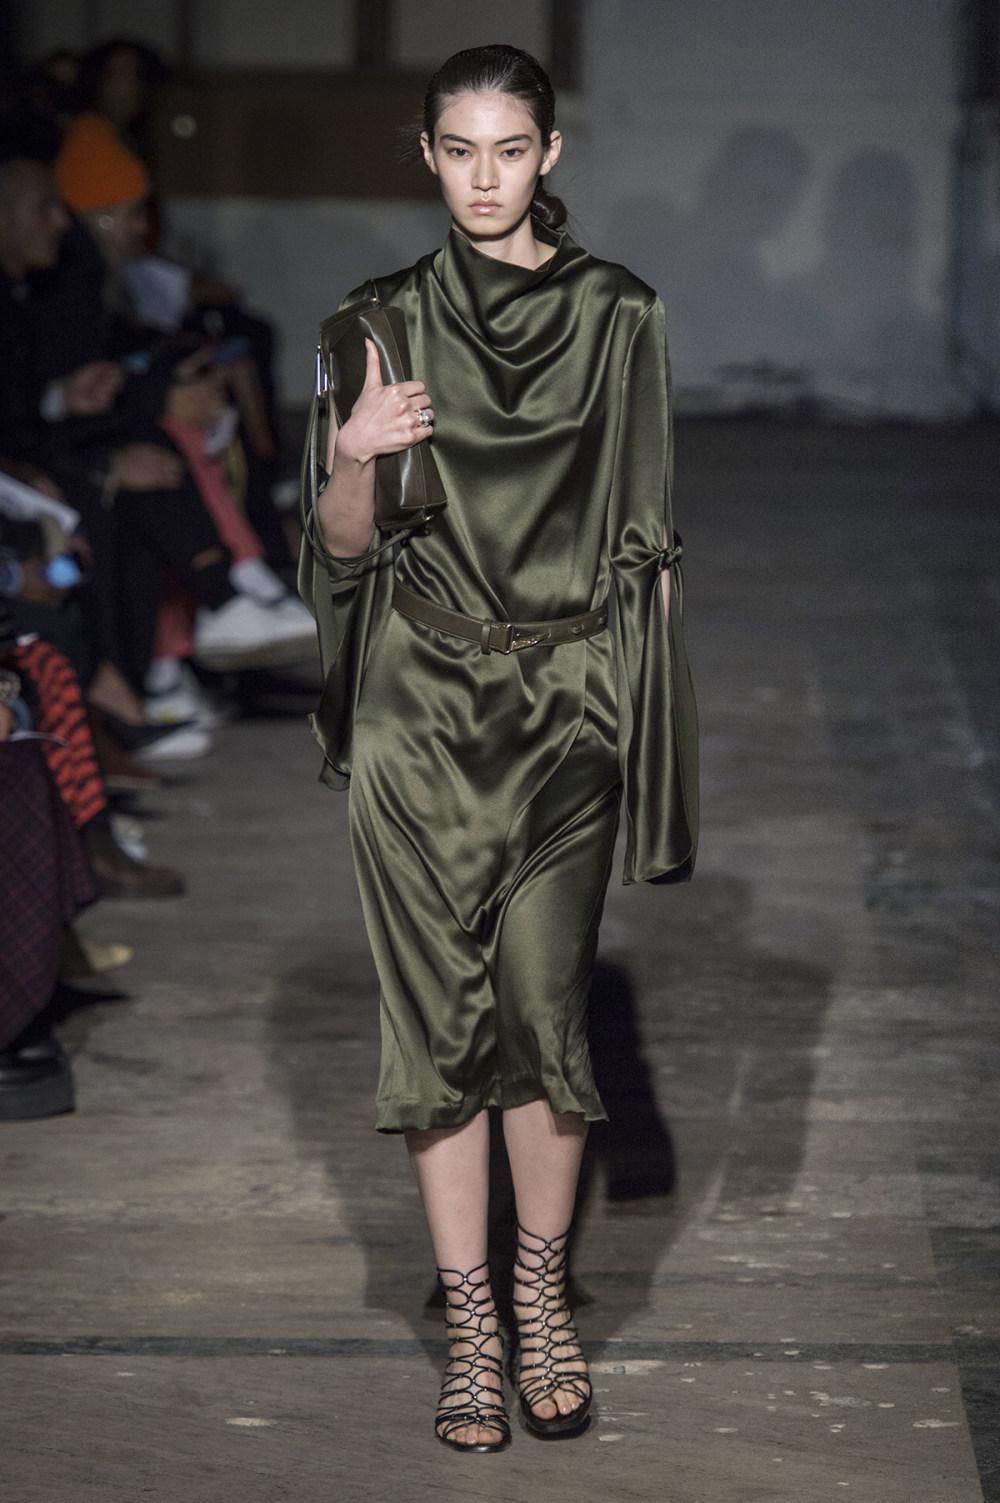 Dion Lee没有紧身衣的连衣裙被聚集或扭曲保持调色板的简约和奢华-25.jpg